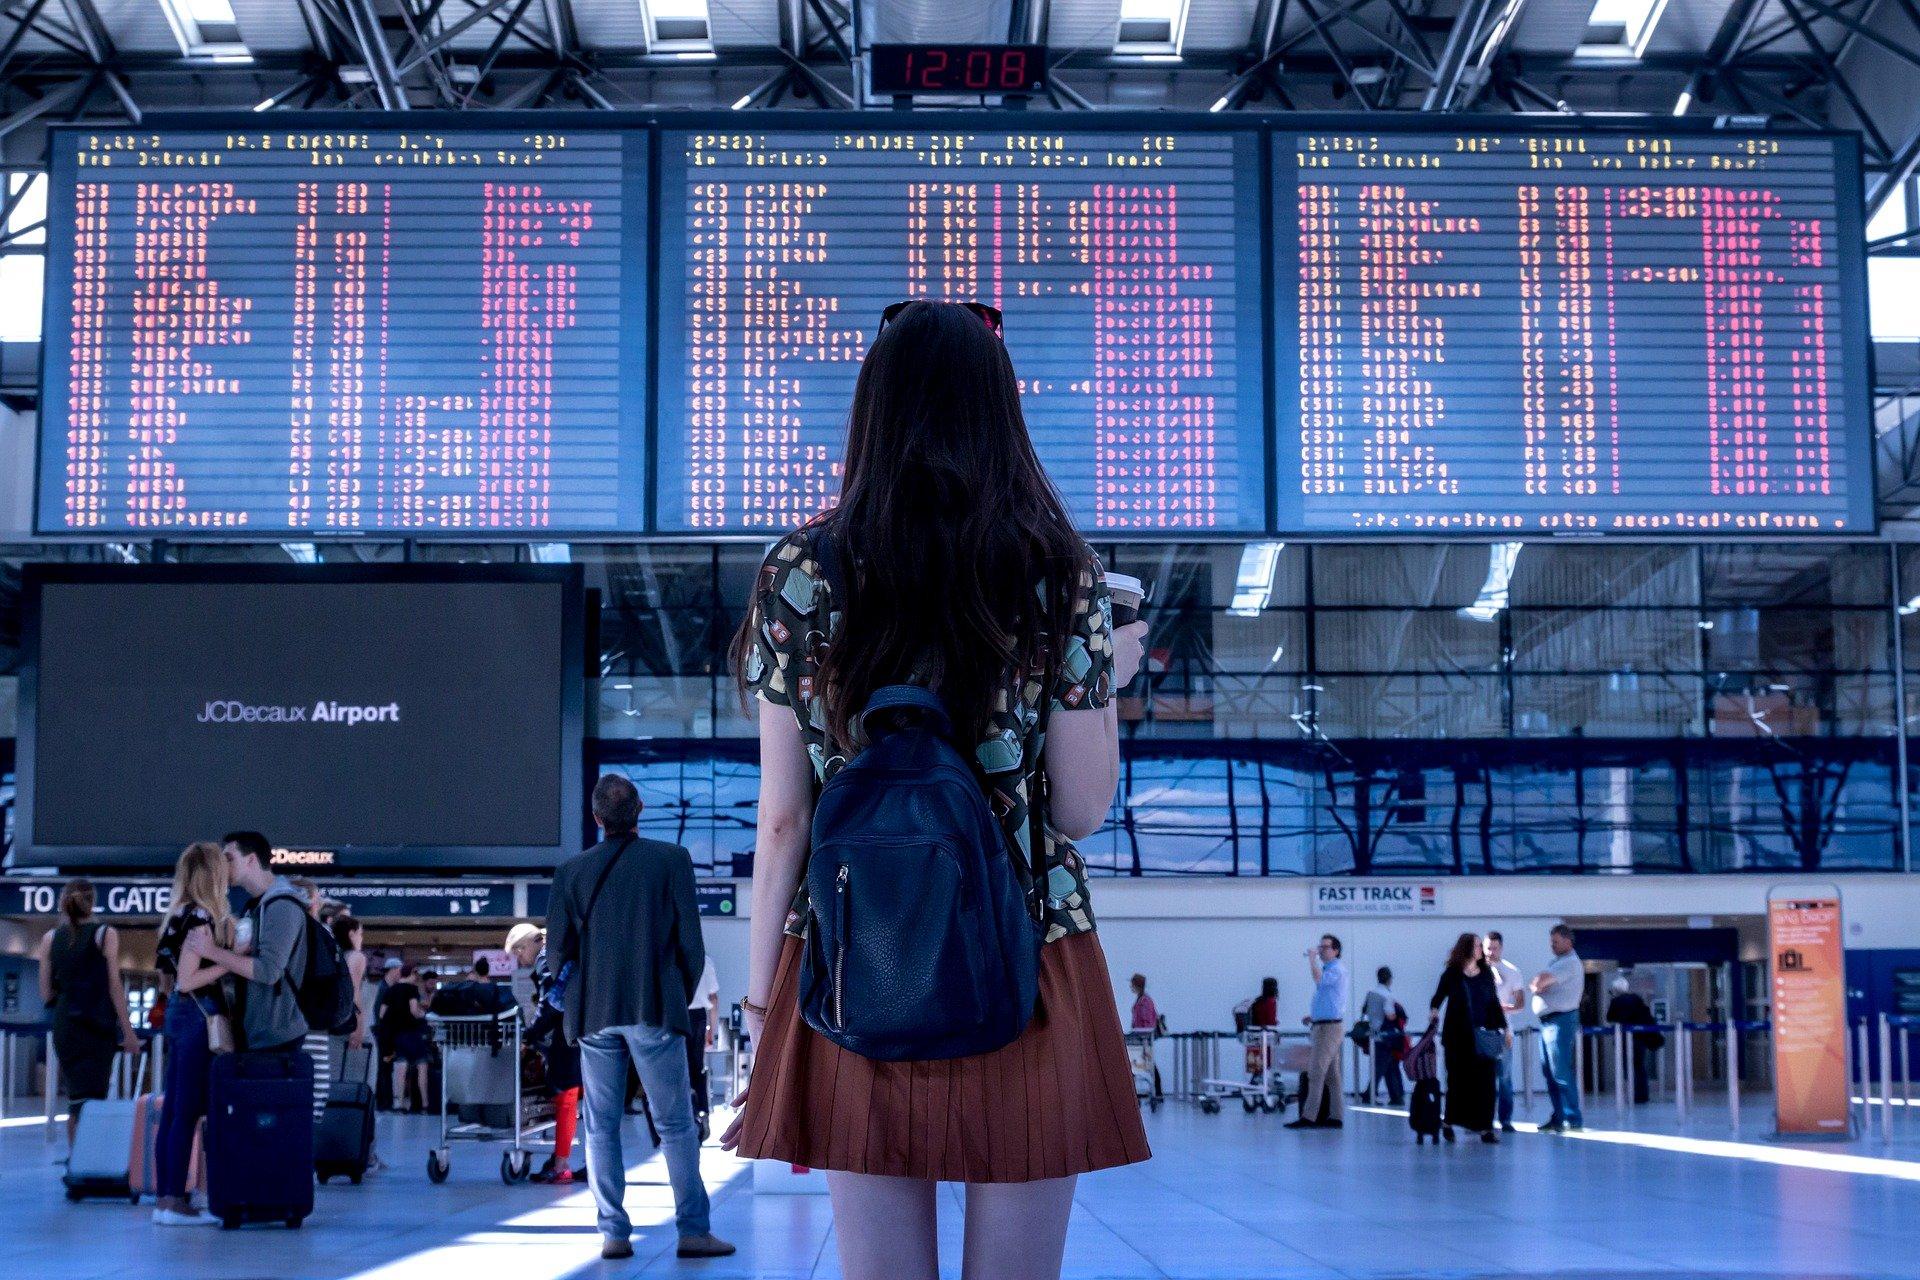 Nízké ceny cestovních služeb a e-shop